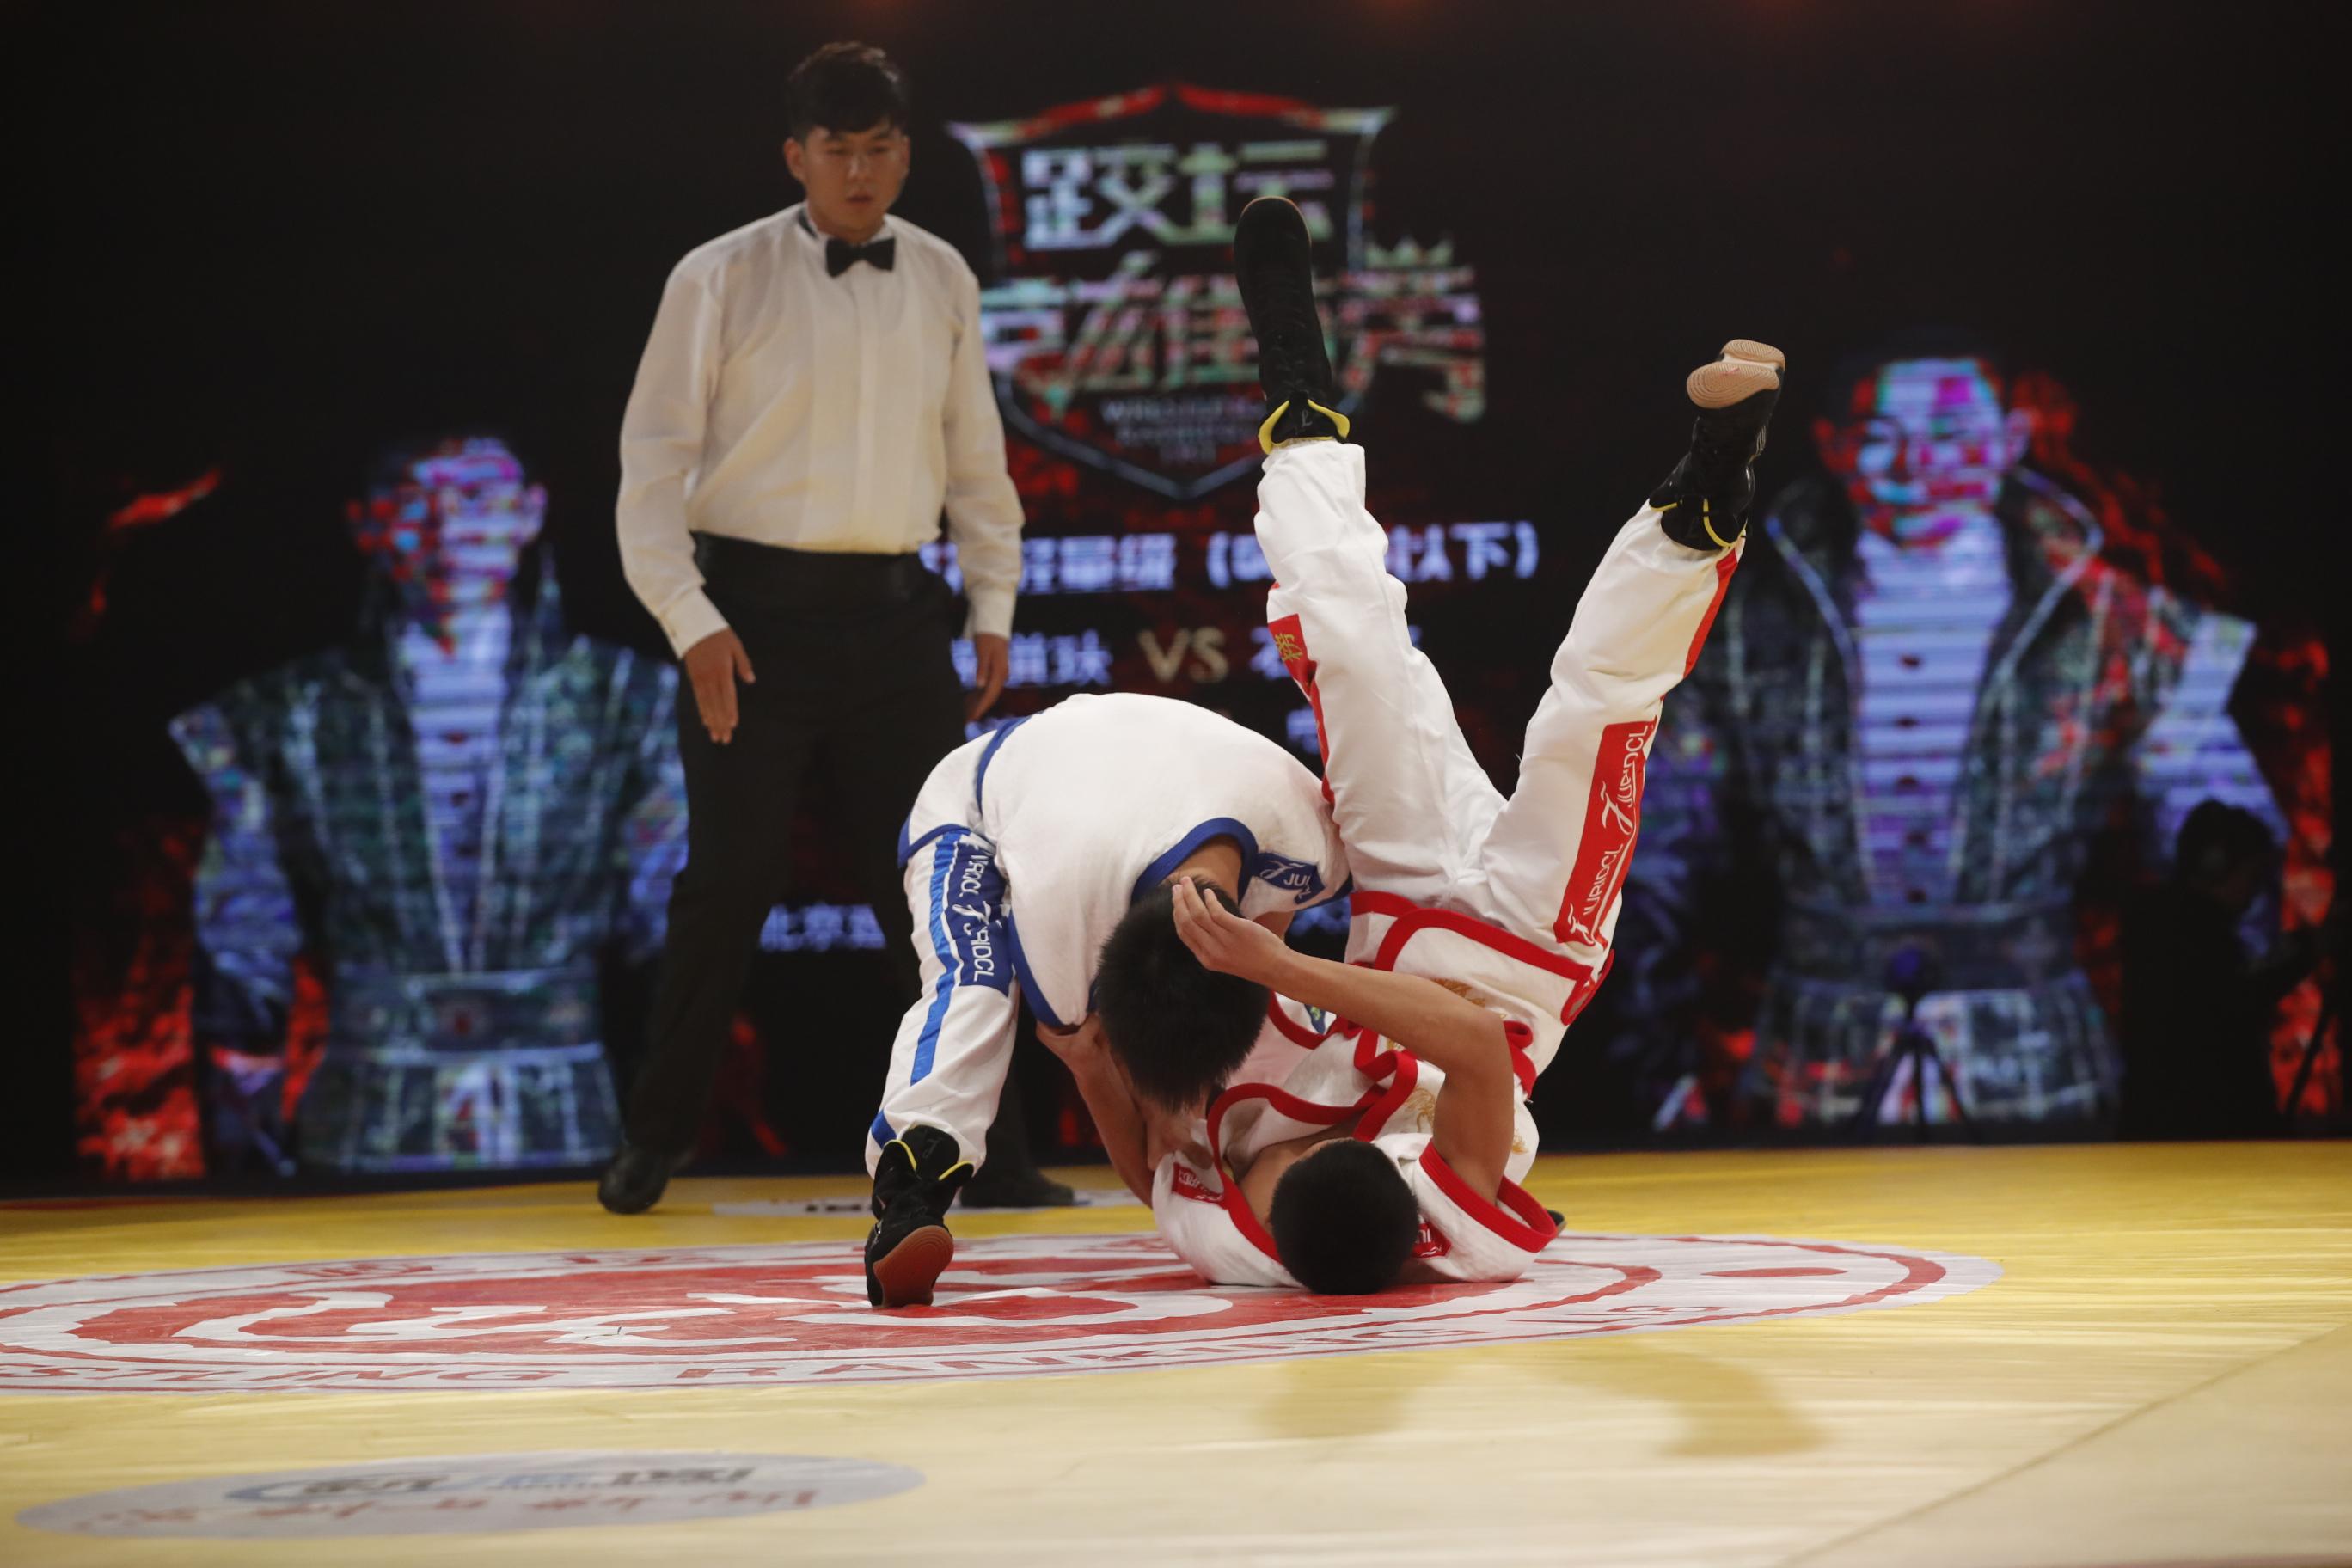 《跤坛英雄榜》第二轮第一场男子56kg比赛